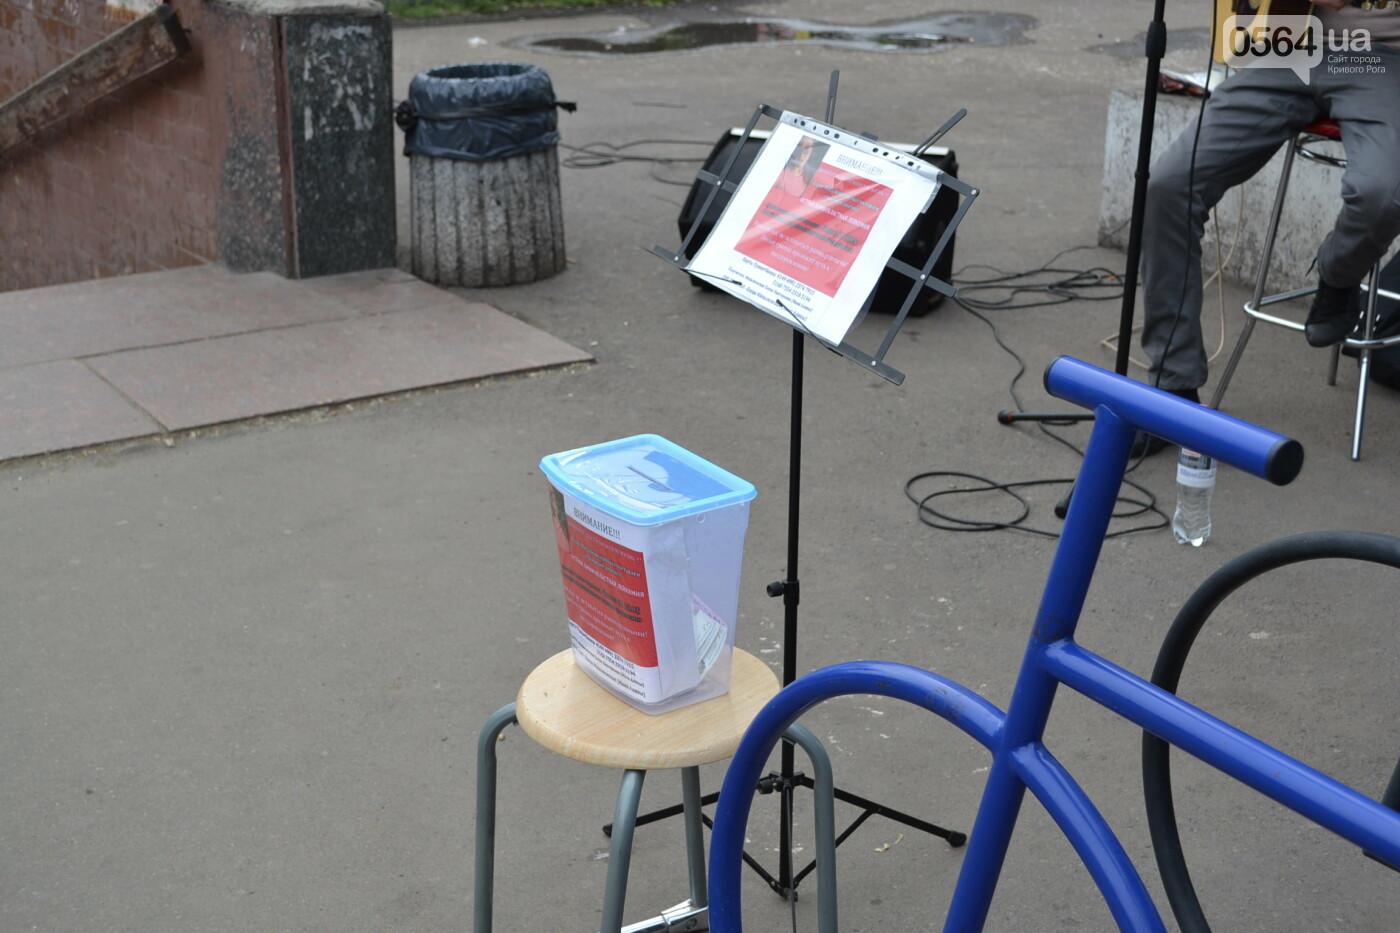 Концерт от Madisan Rock Club: криворожские музыканты поддержали юную Алину Михалковскую, - ФОТО, ВИДЕО, фото-9